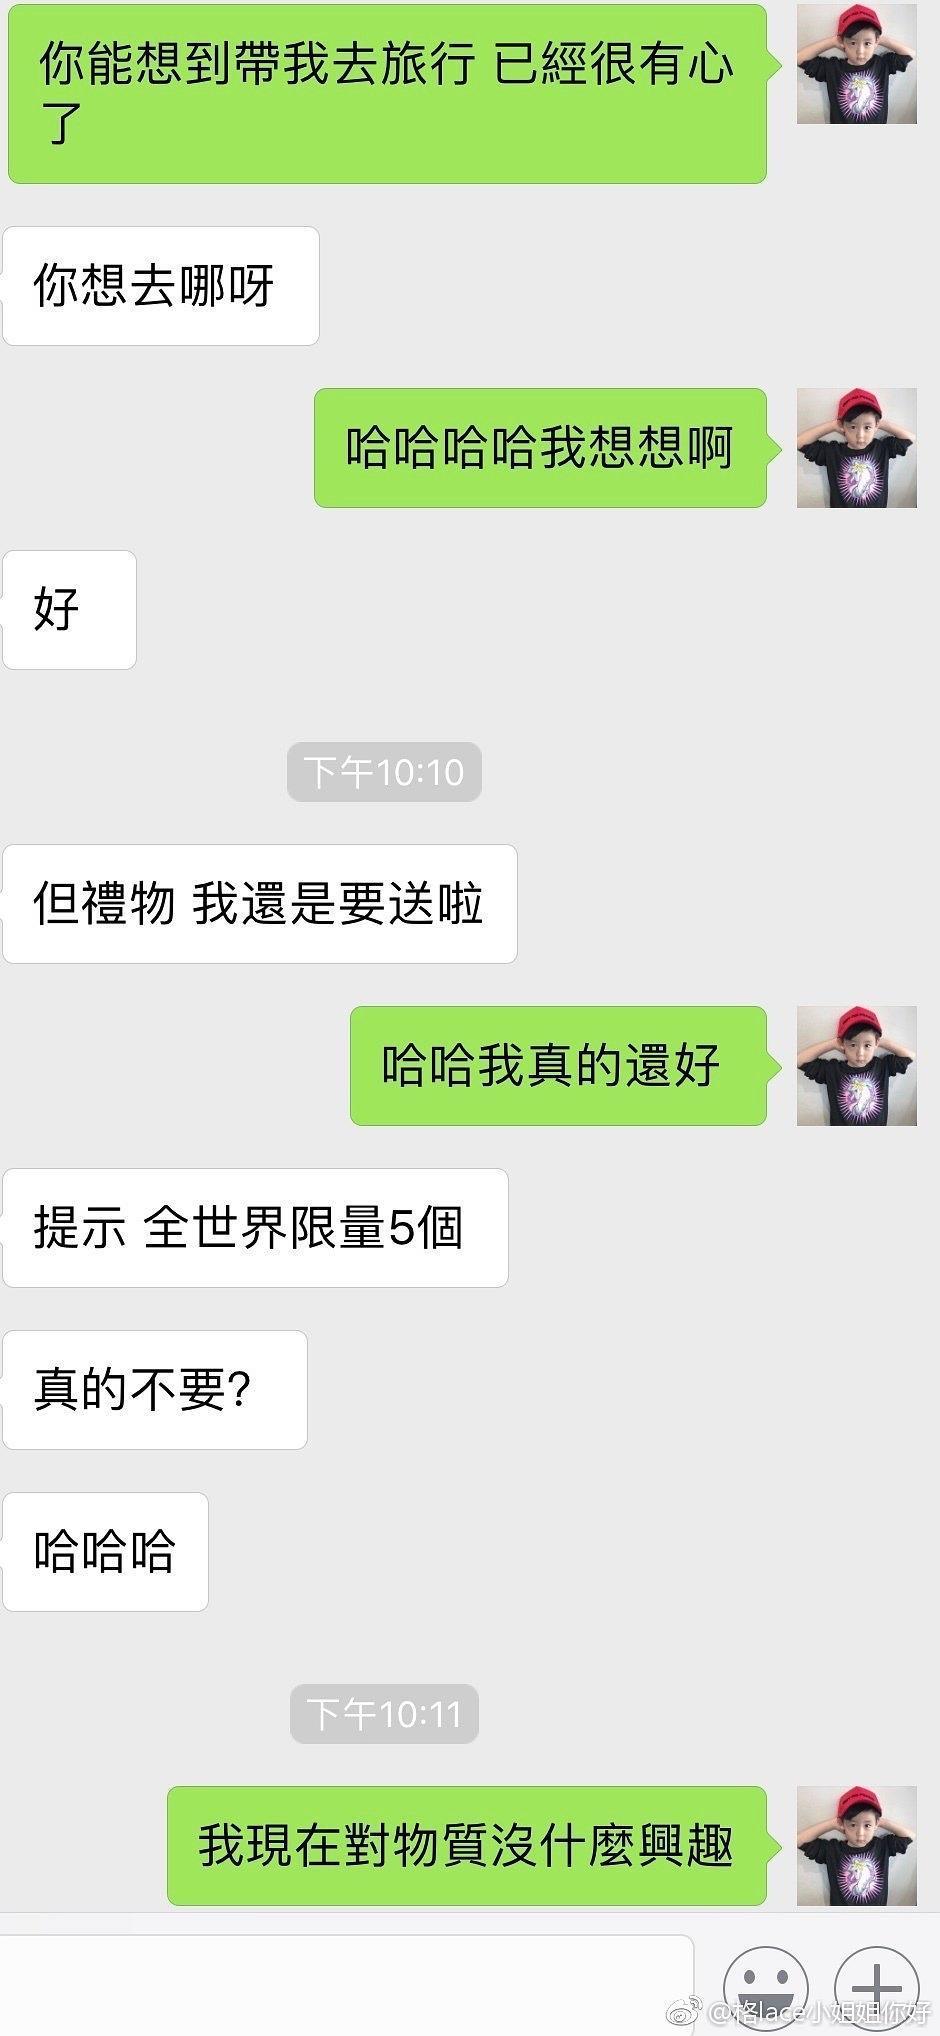 【曝光】周扬青小号曝昔日聊天记录怎么回事?9年蜜恋化为泡影让人唏嘘